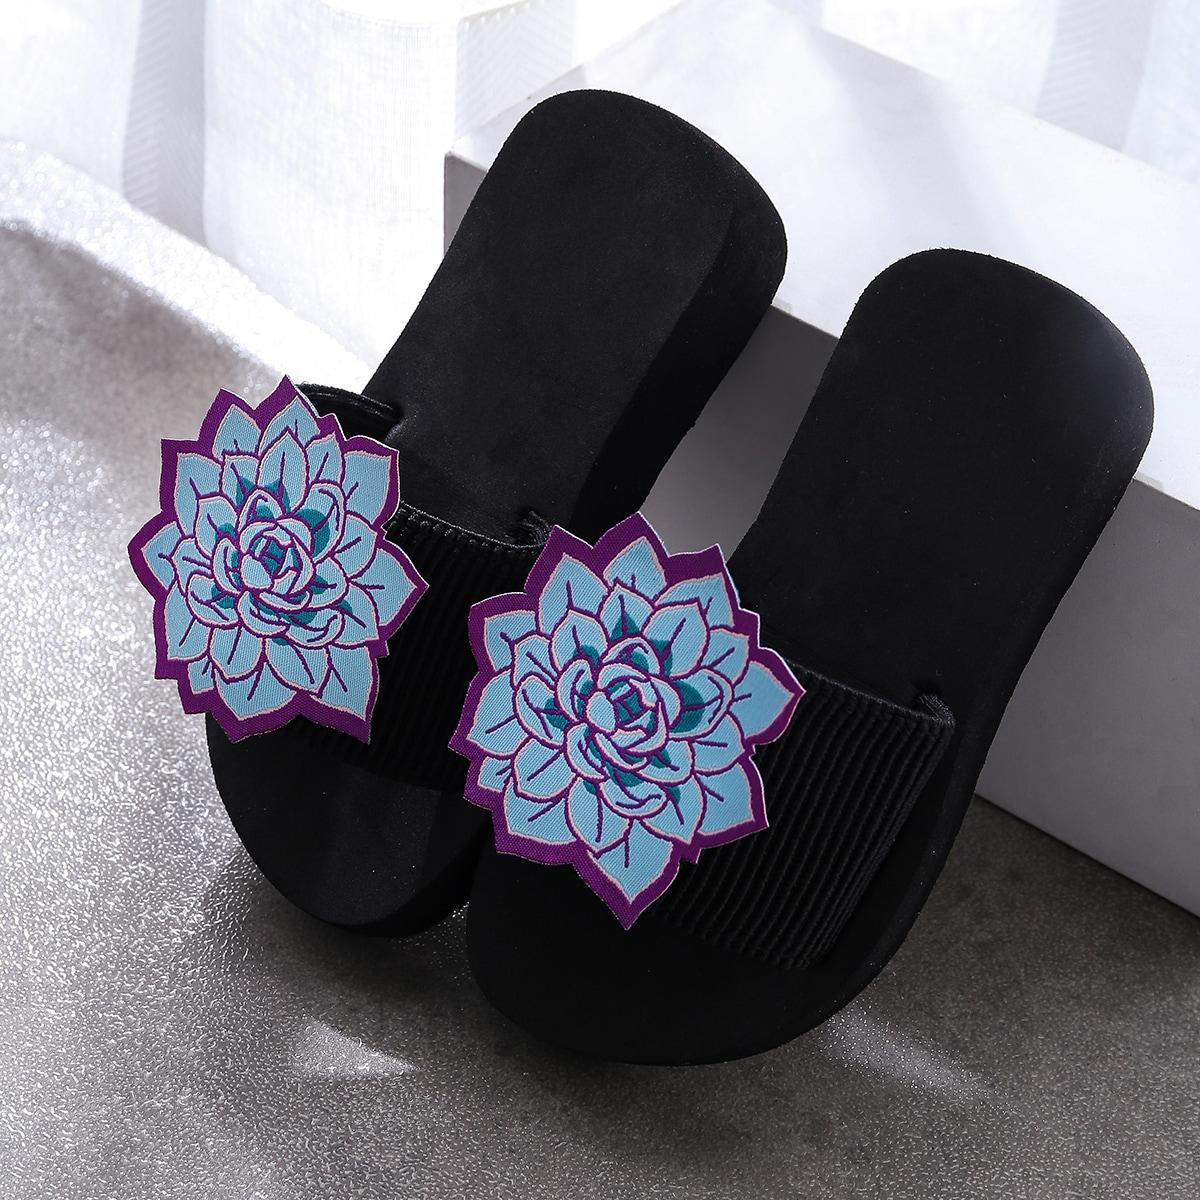 Шлепанцы с цветочной аппликацией для девочек от SHEIN